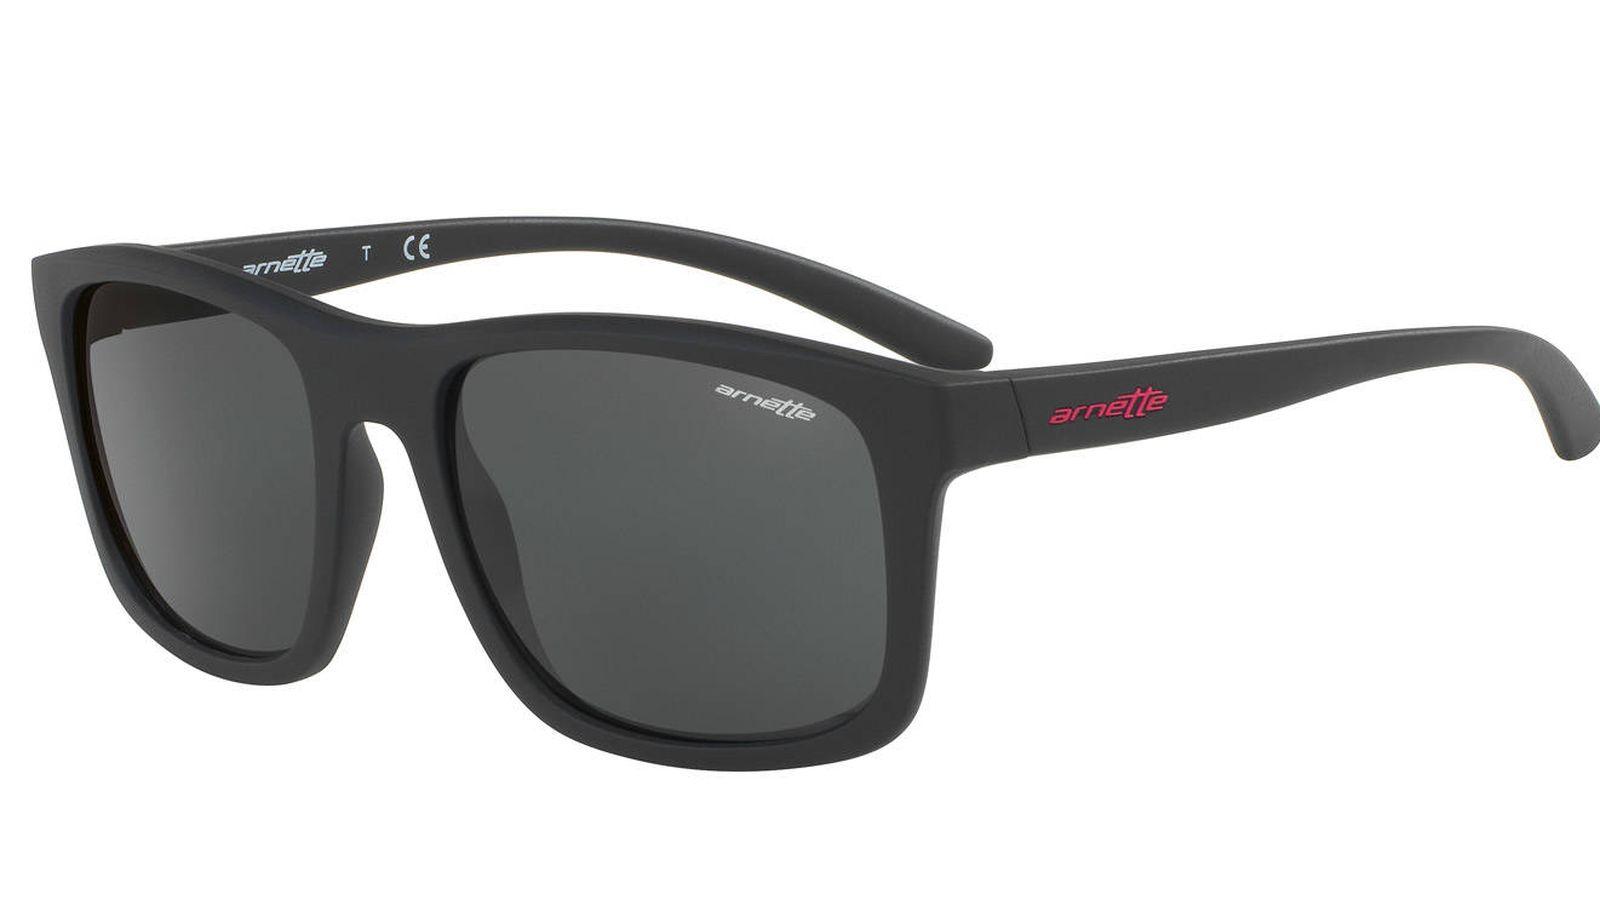 c37264e58f Moda hombre: De Carolina Herrera y Loewe a Tous: gafas de sol para el verano